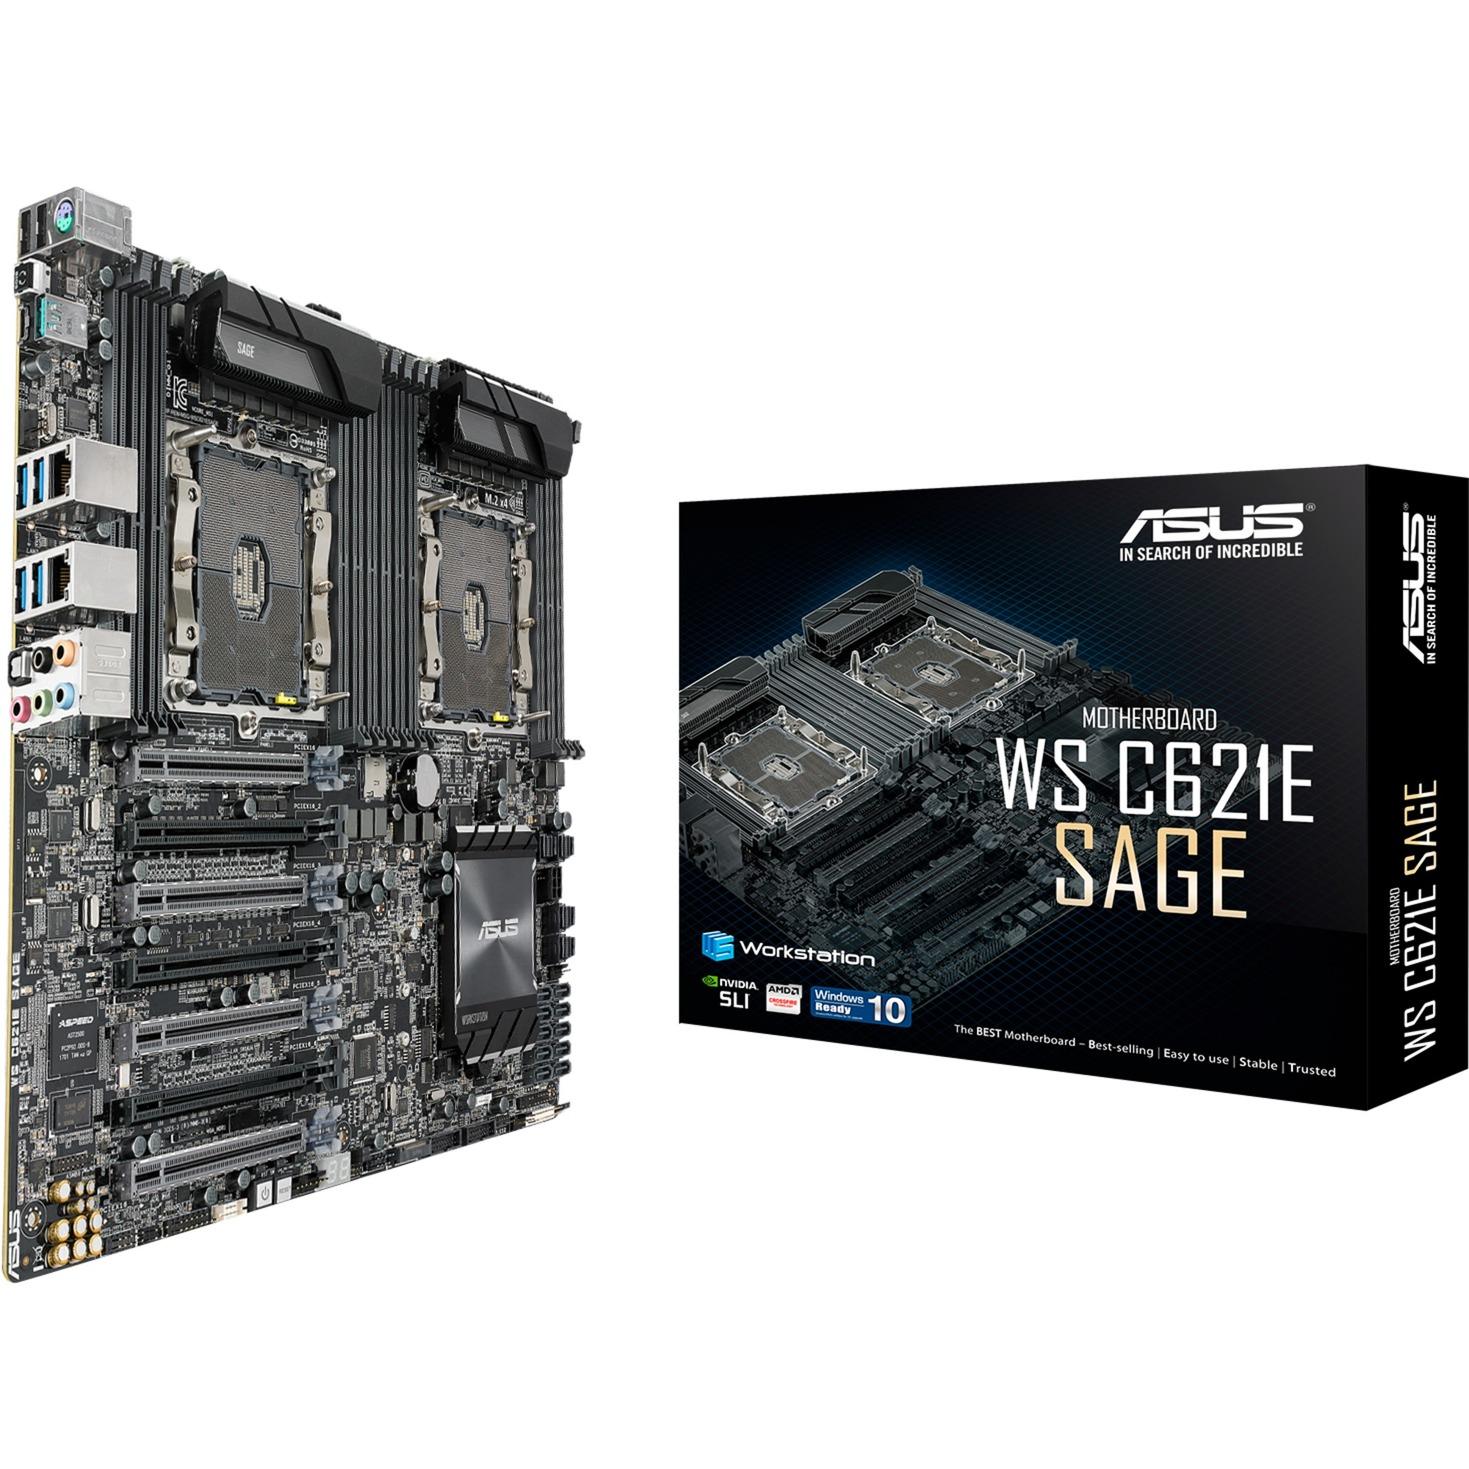 WS C621E SAGE Socket P Intel C621 EEB, Placa base